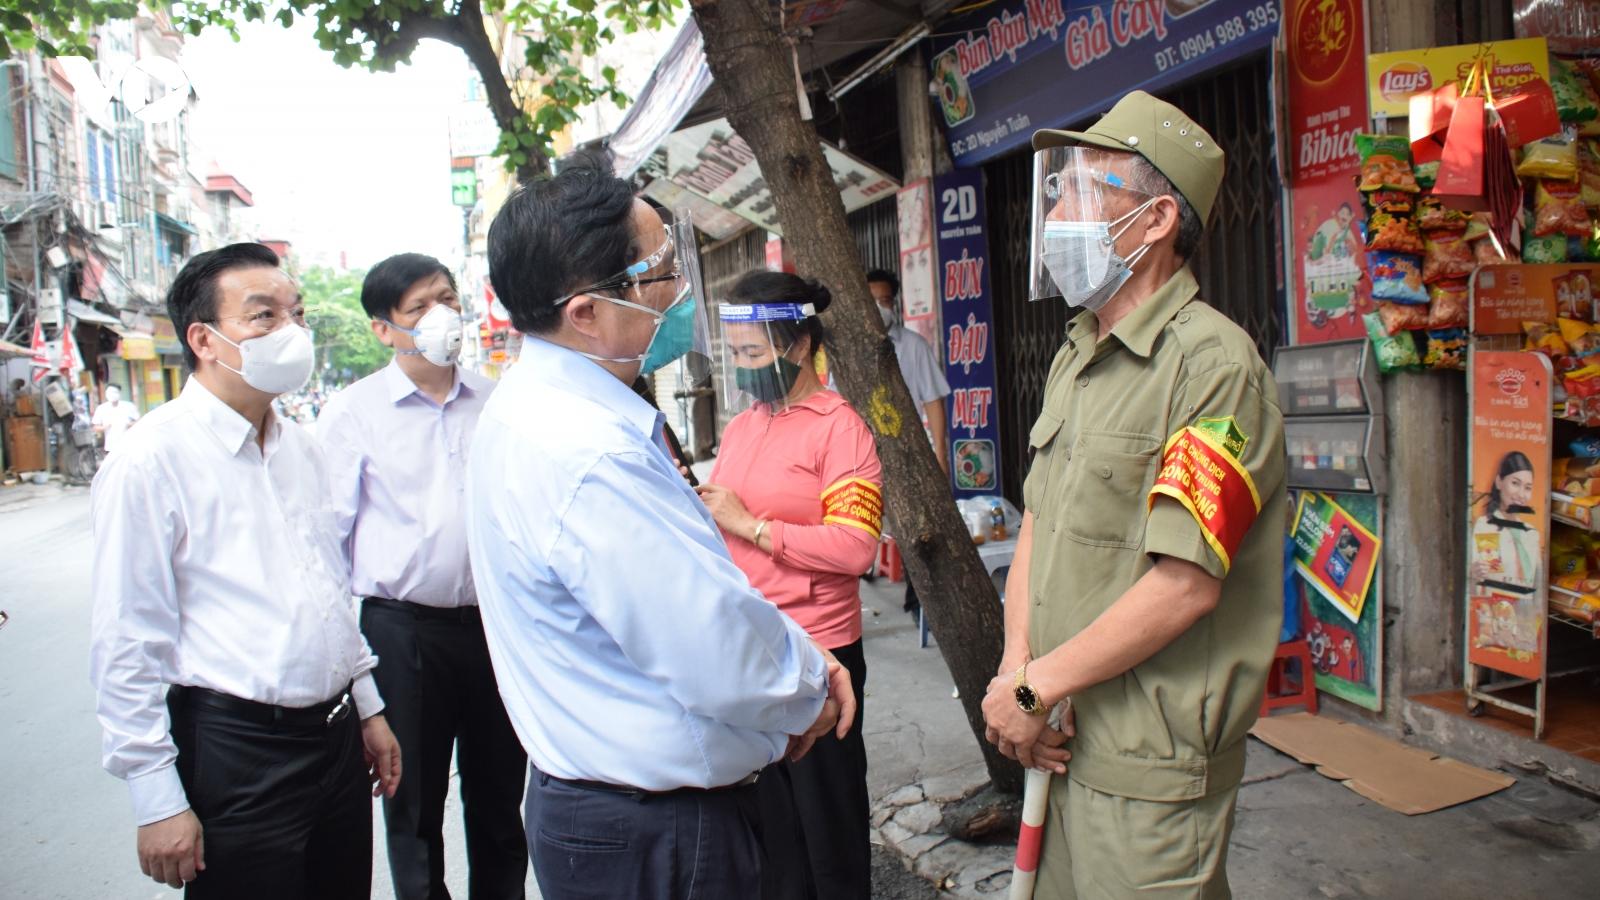 """Thị sát """"điểm nóng"""" COVID-19 tại Hà Nội, Thủ tướng đề nghị kiện toàn ngay lãnh đạo phường"""